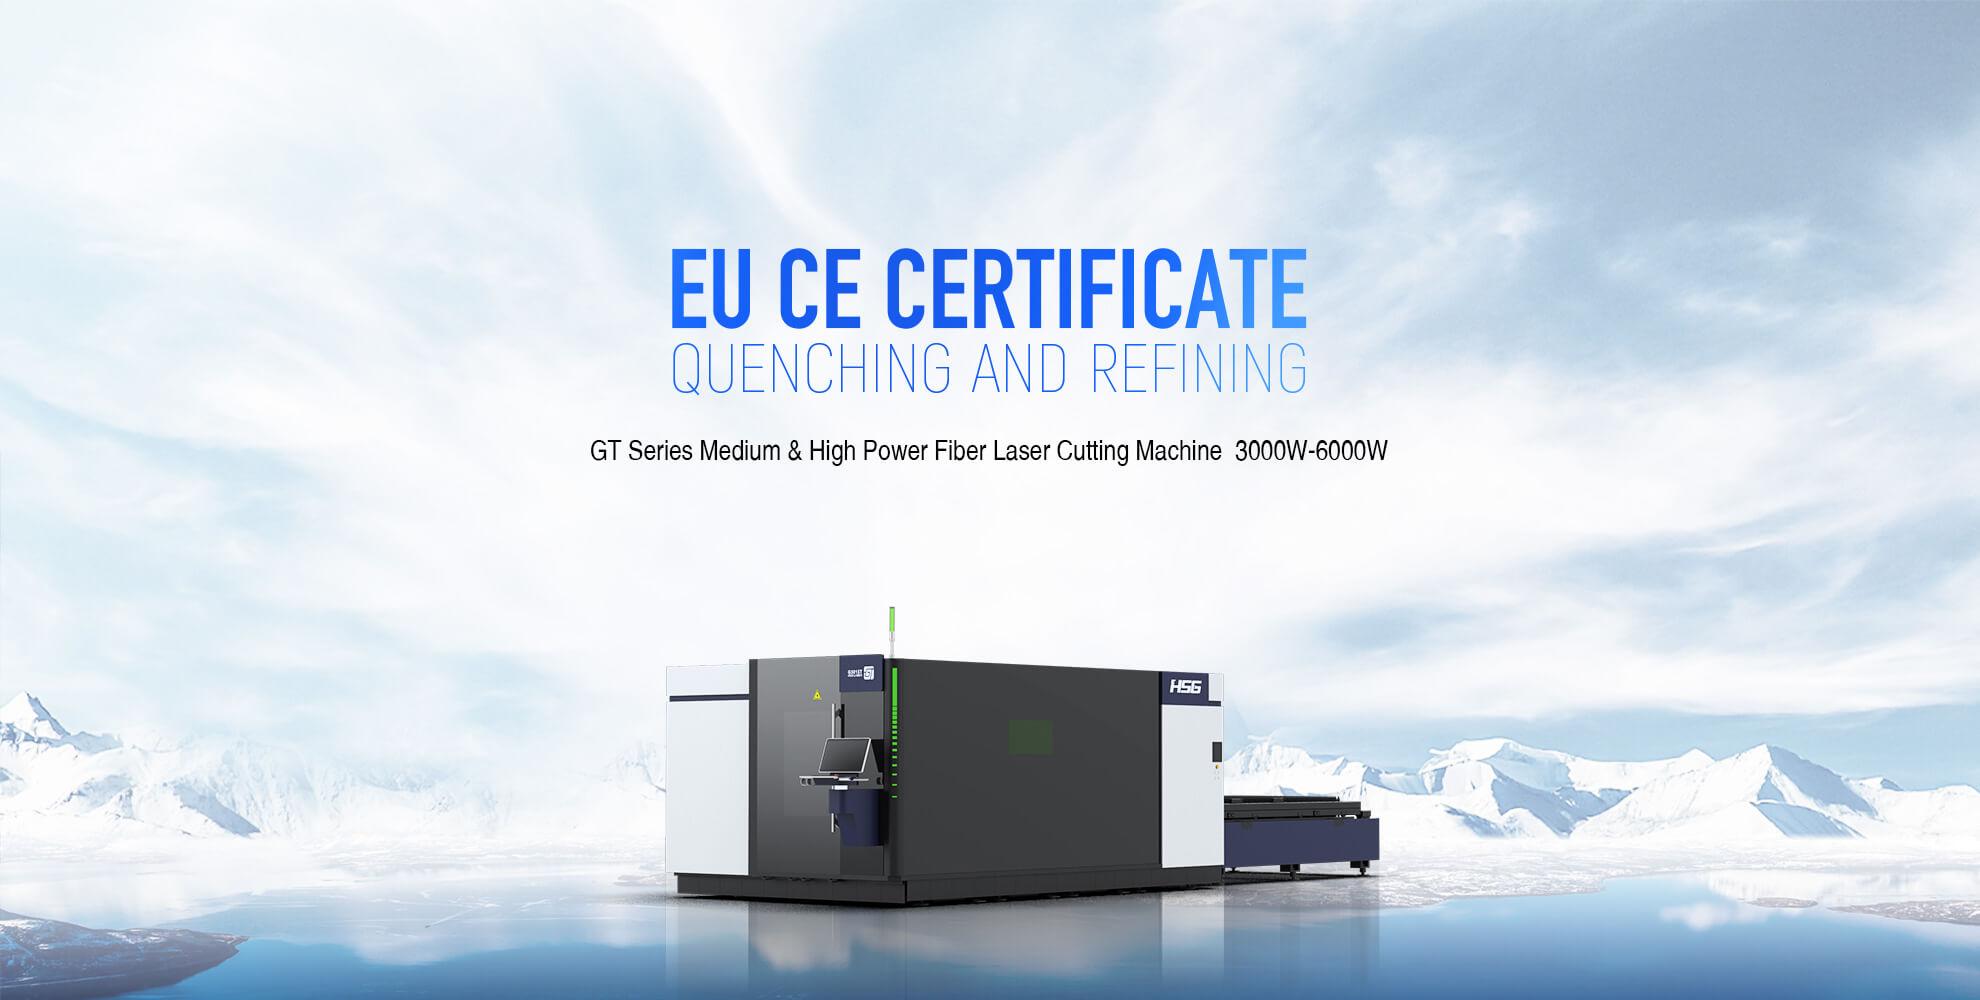 medium-power-laser-cutting-machine-gt